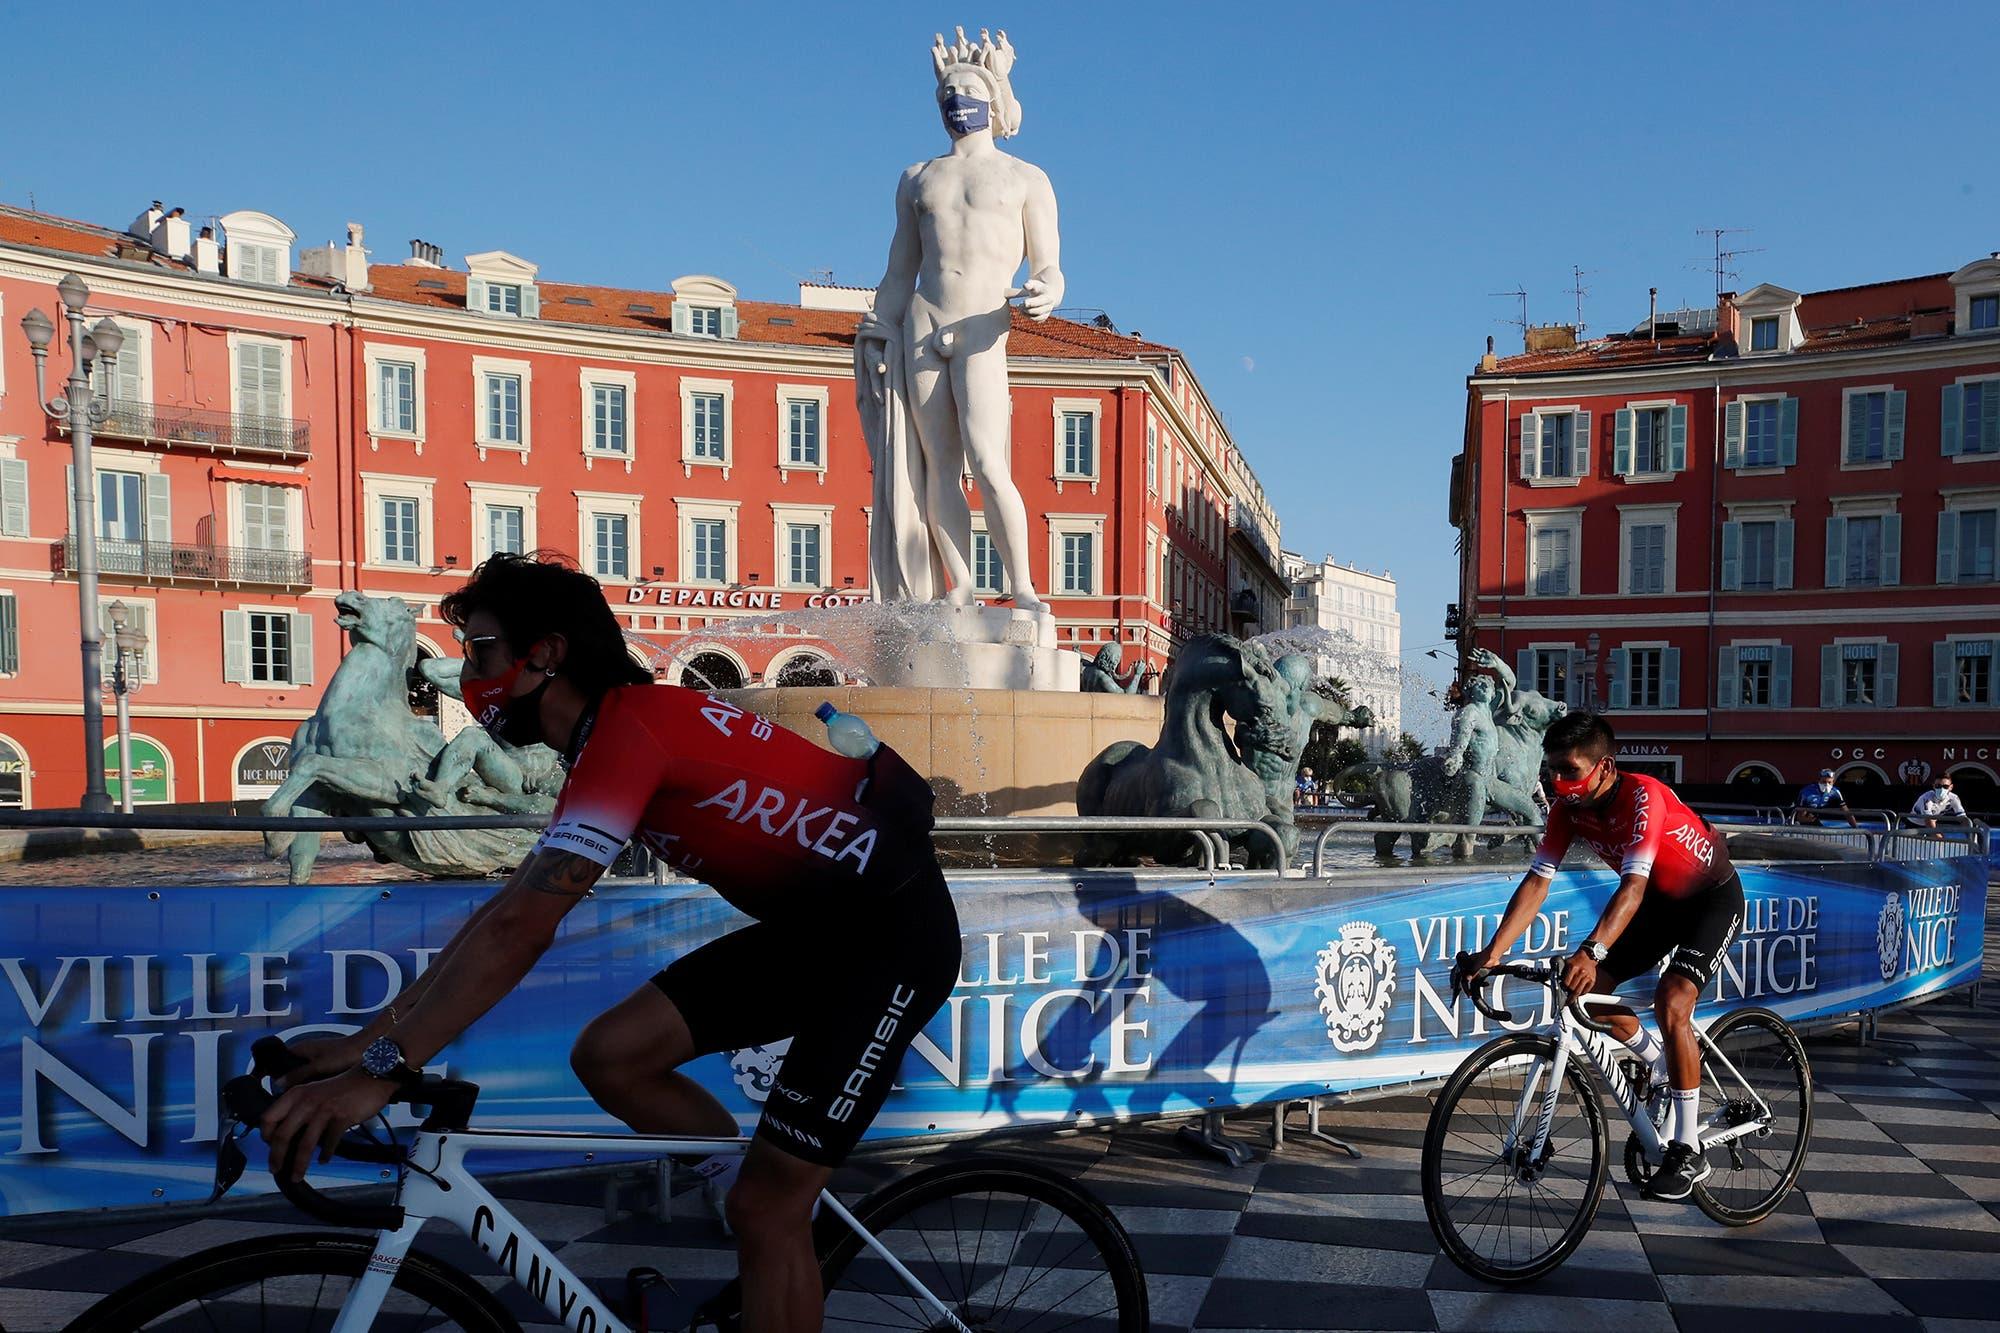 Empieza el Tour de Francia, con 176 ciclistas y el público desafiando el virus durante 3400 kilómetros